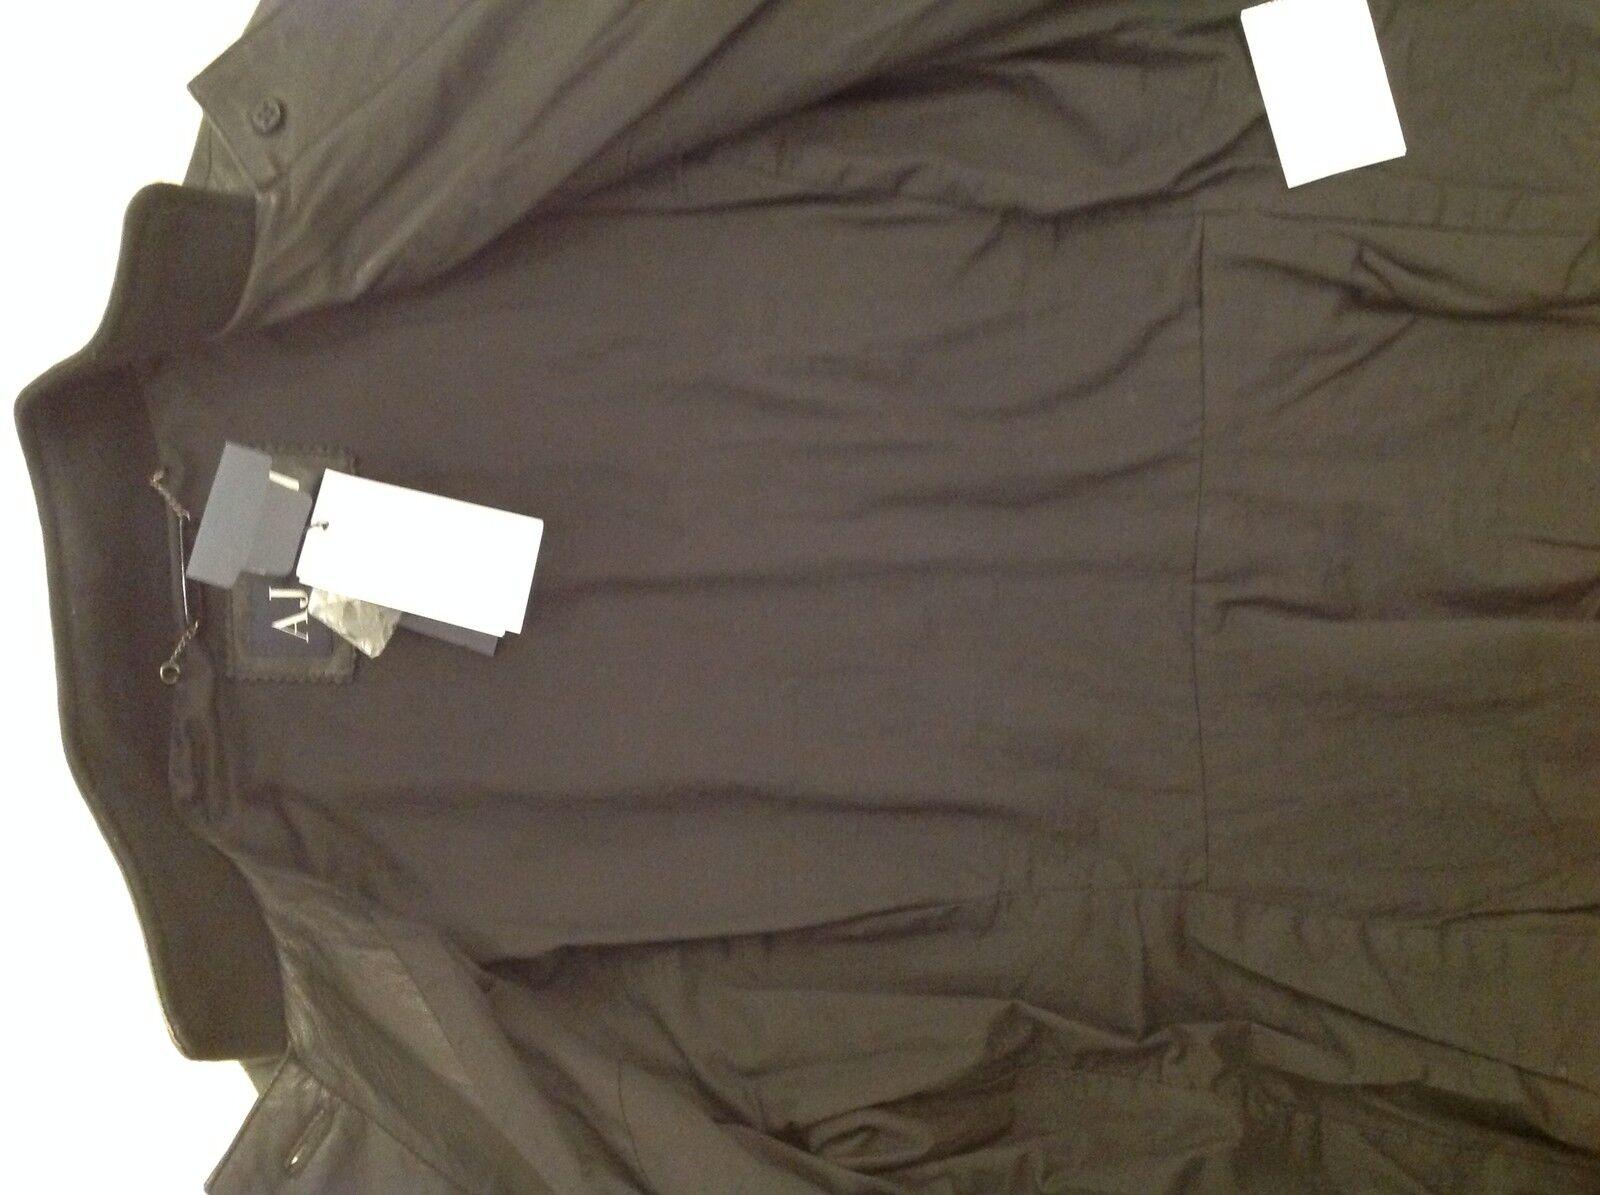 Blu 3XL Lavecchia -  Camicia Classiche Quadri - A Quadri Classiche - Uomo  Navy-Nero XXXL 7c22ac